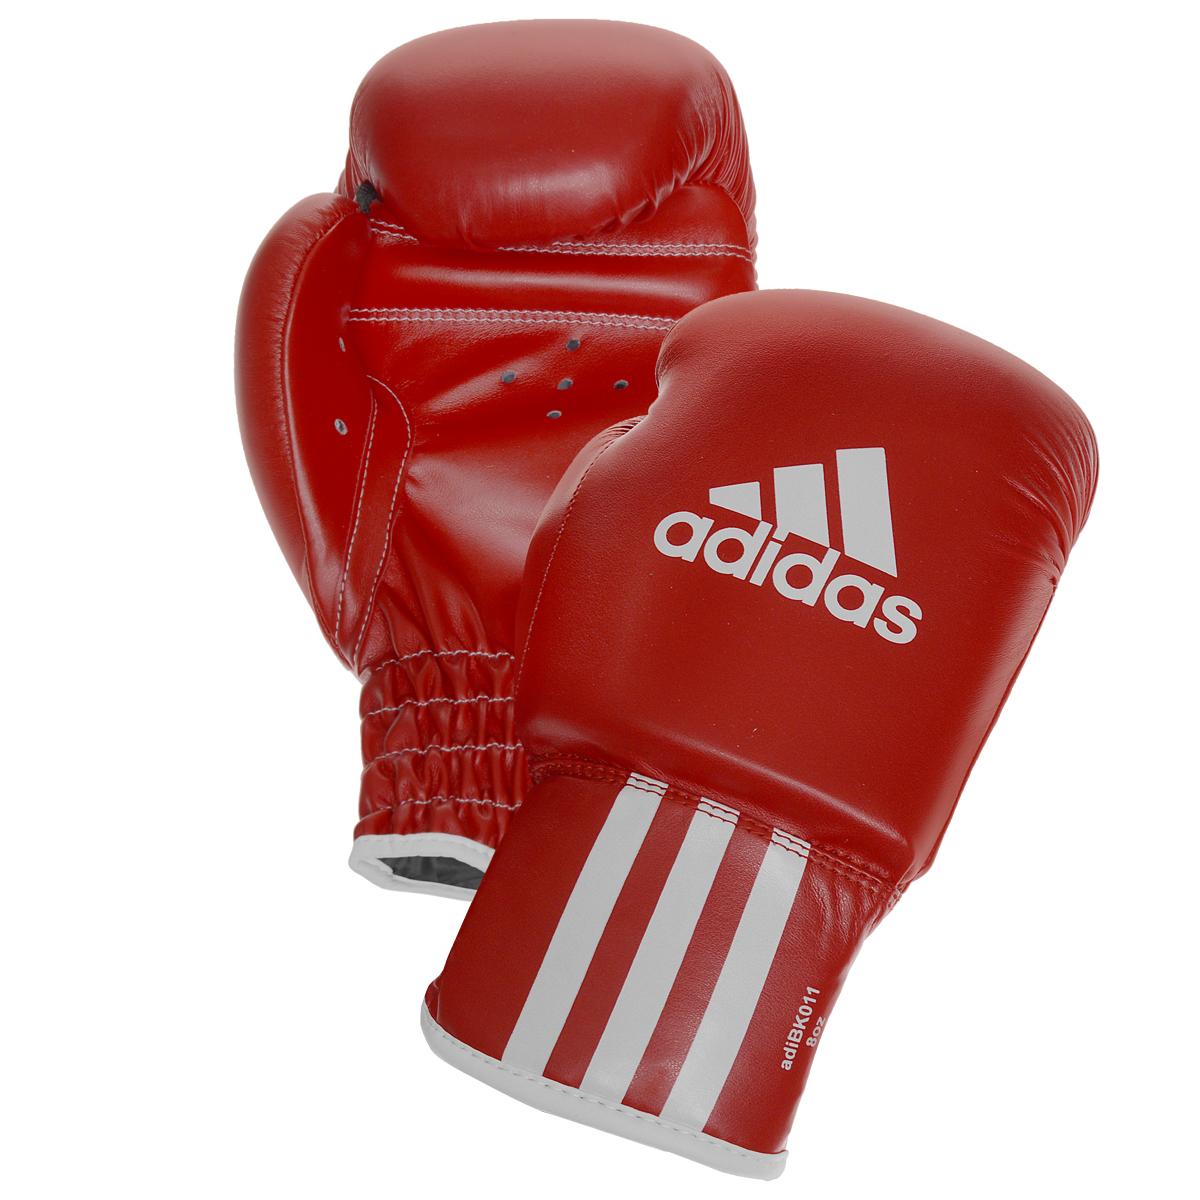 Перчатки боксерские Adidas Rookie-2, цвет: красный. adiBK011. Вес 8 унцийBB1637Боксерские перчатки Adidas Rookie-2 изготовлены из мягкого полиуретана, который по своим качествам не уступает натуральной коже. Внутренний наполнитель из многослойной пены обеспечивет надежную защиту рук боксера и позволяя безопасно тренироваться в полную силу. Предварительно изогнутый крой перчатки позволяет боксеру держать кулак в правильном положении. Загнутый параллельно кулаку большой палец обеспечивает безопасность при нанесении ударов и защищает большой палец от вывихов и травм. Внутренняя подкладка и вентиляционные отверстия на ладони создают максимальный уровень комфорта для рук, поддерживая оптимальный микроклимат внутри перчаток.